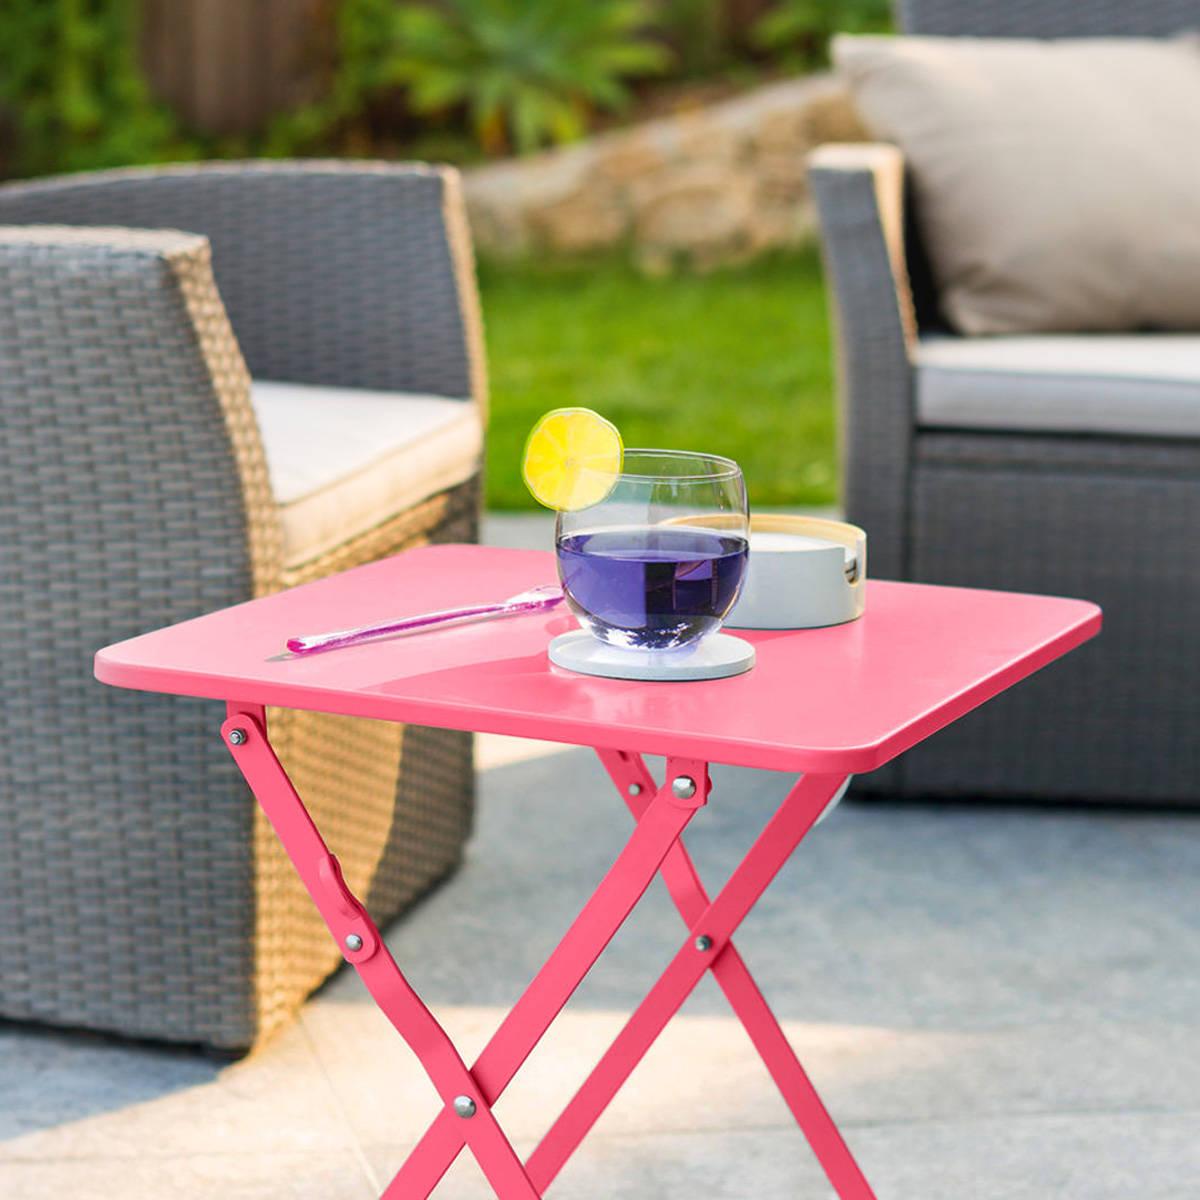 Hespéride Table d'appoint de jardin carrée Nindiri Framboise 40 x 40 x 45 cm - Acier cataphorèse, Peinture époxy